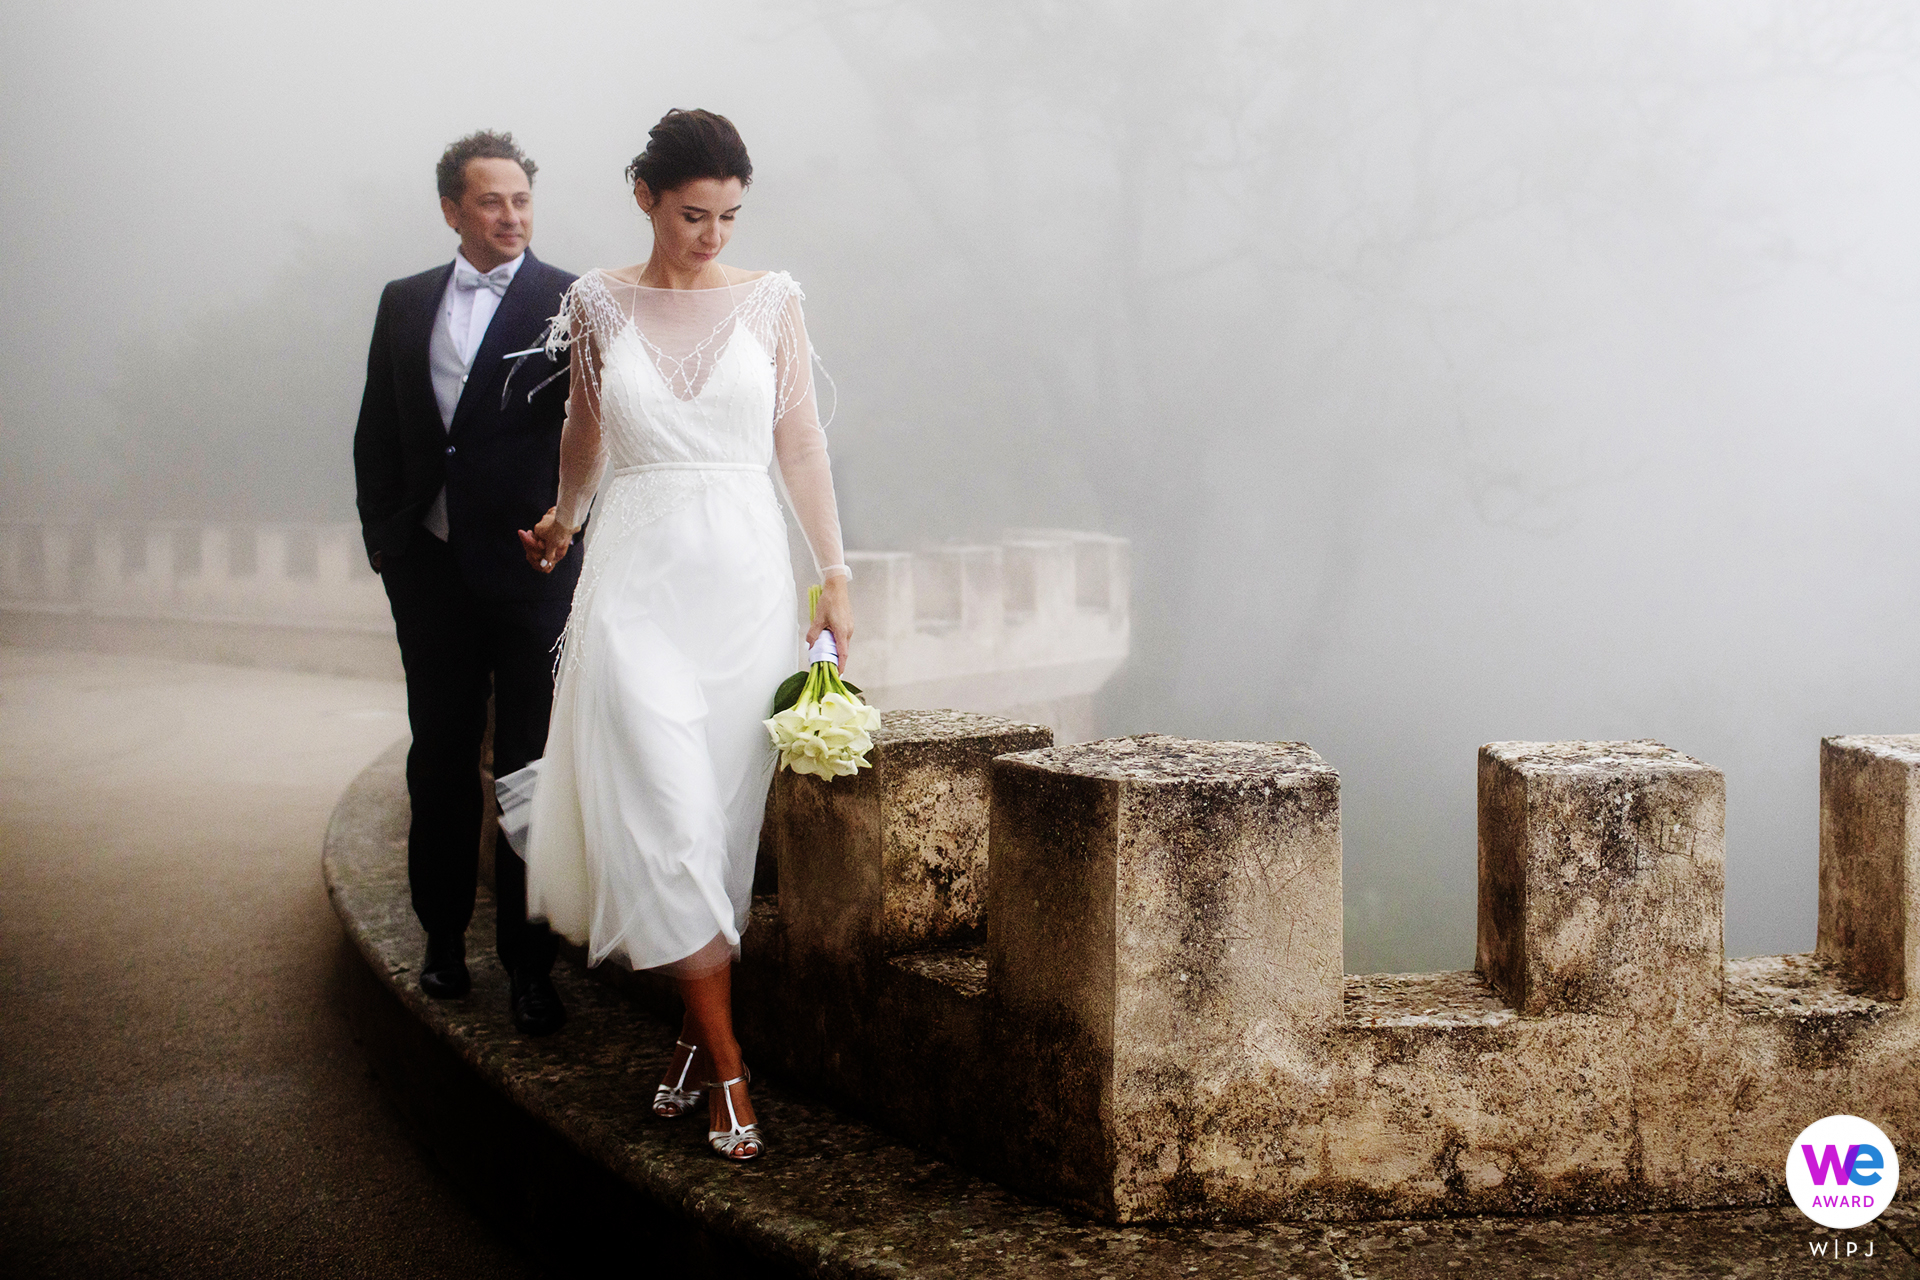 Mount Erice, Trapani, Sicilië, Italië Elopement Picture Story | Sicilië is zon en zee; maar Trapani, de stad tussen twee zeeën, staat op de hellingen van de berg Erice, en daar wilde de bruid naartoe ... zelfs op een mistige dag